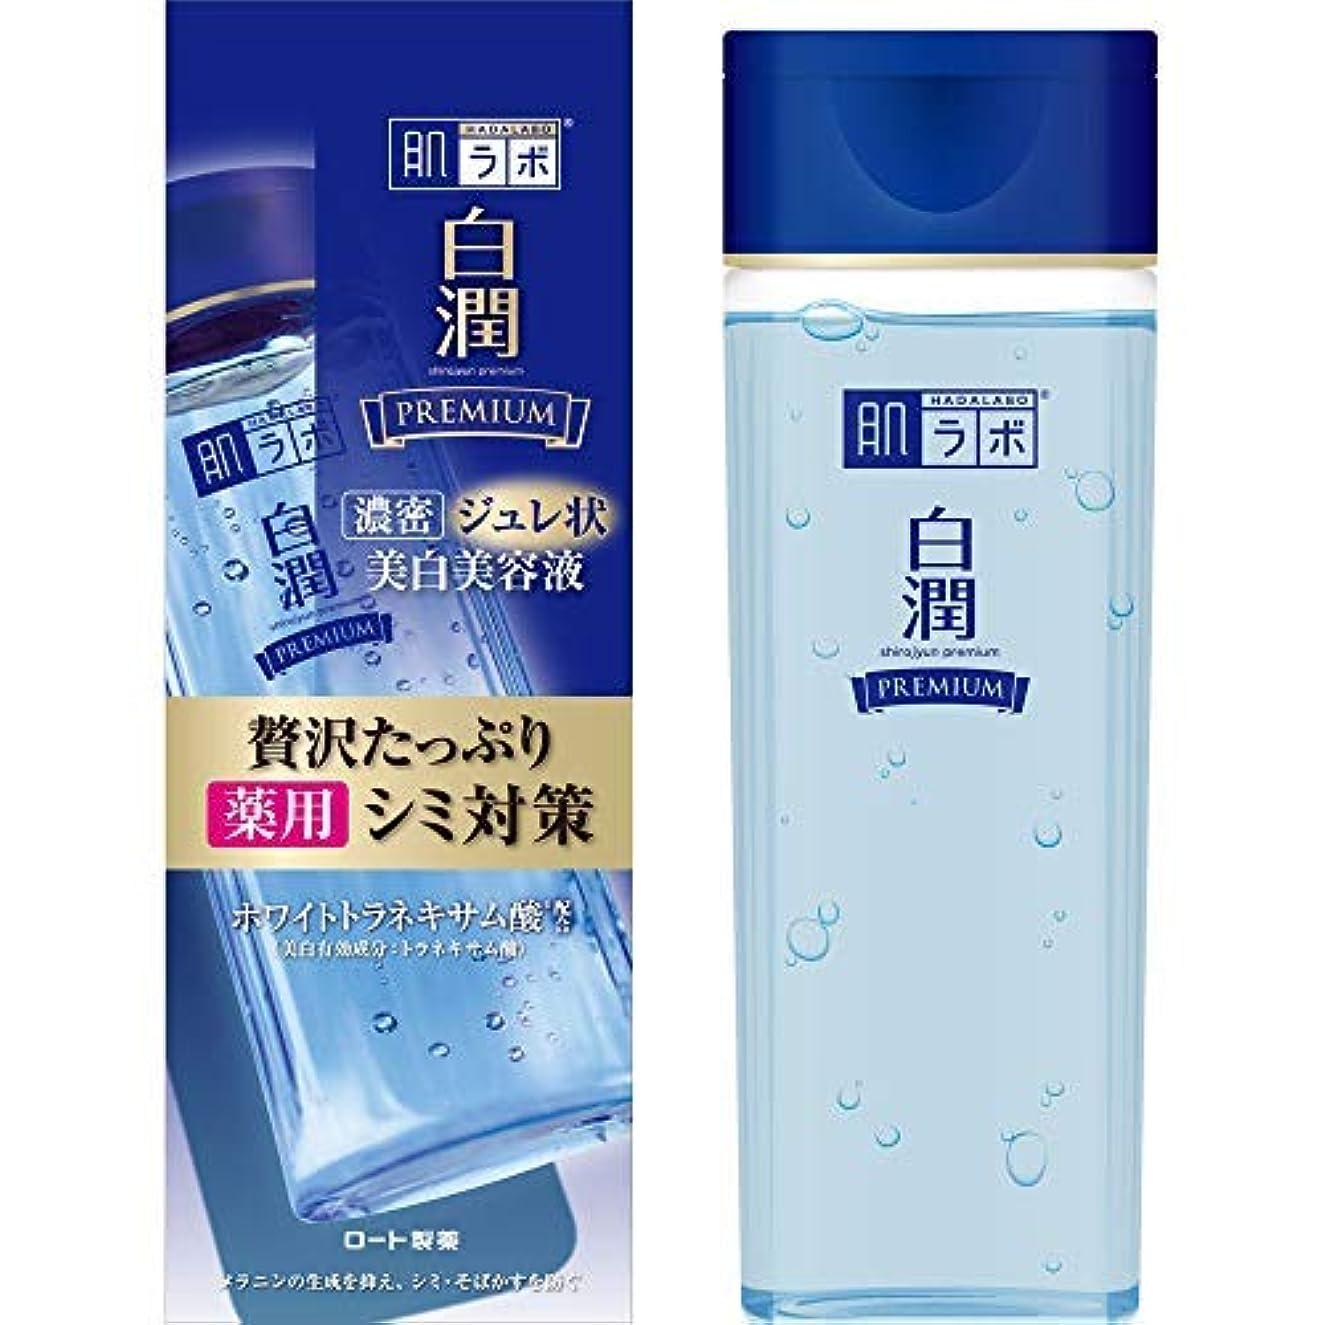 処分した机ビーム肌ラボ 白潤プレミアム 薬用ジュレ状美白美容液 × 4個セット